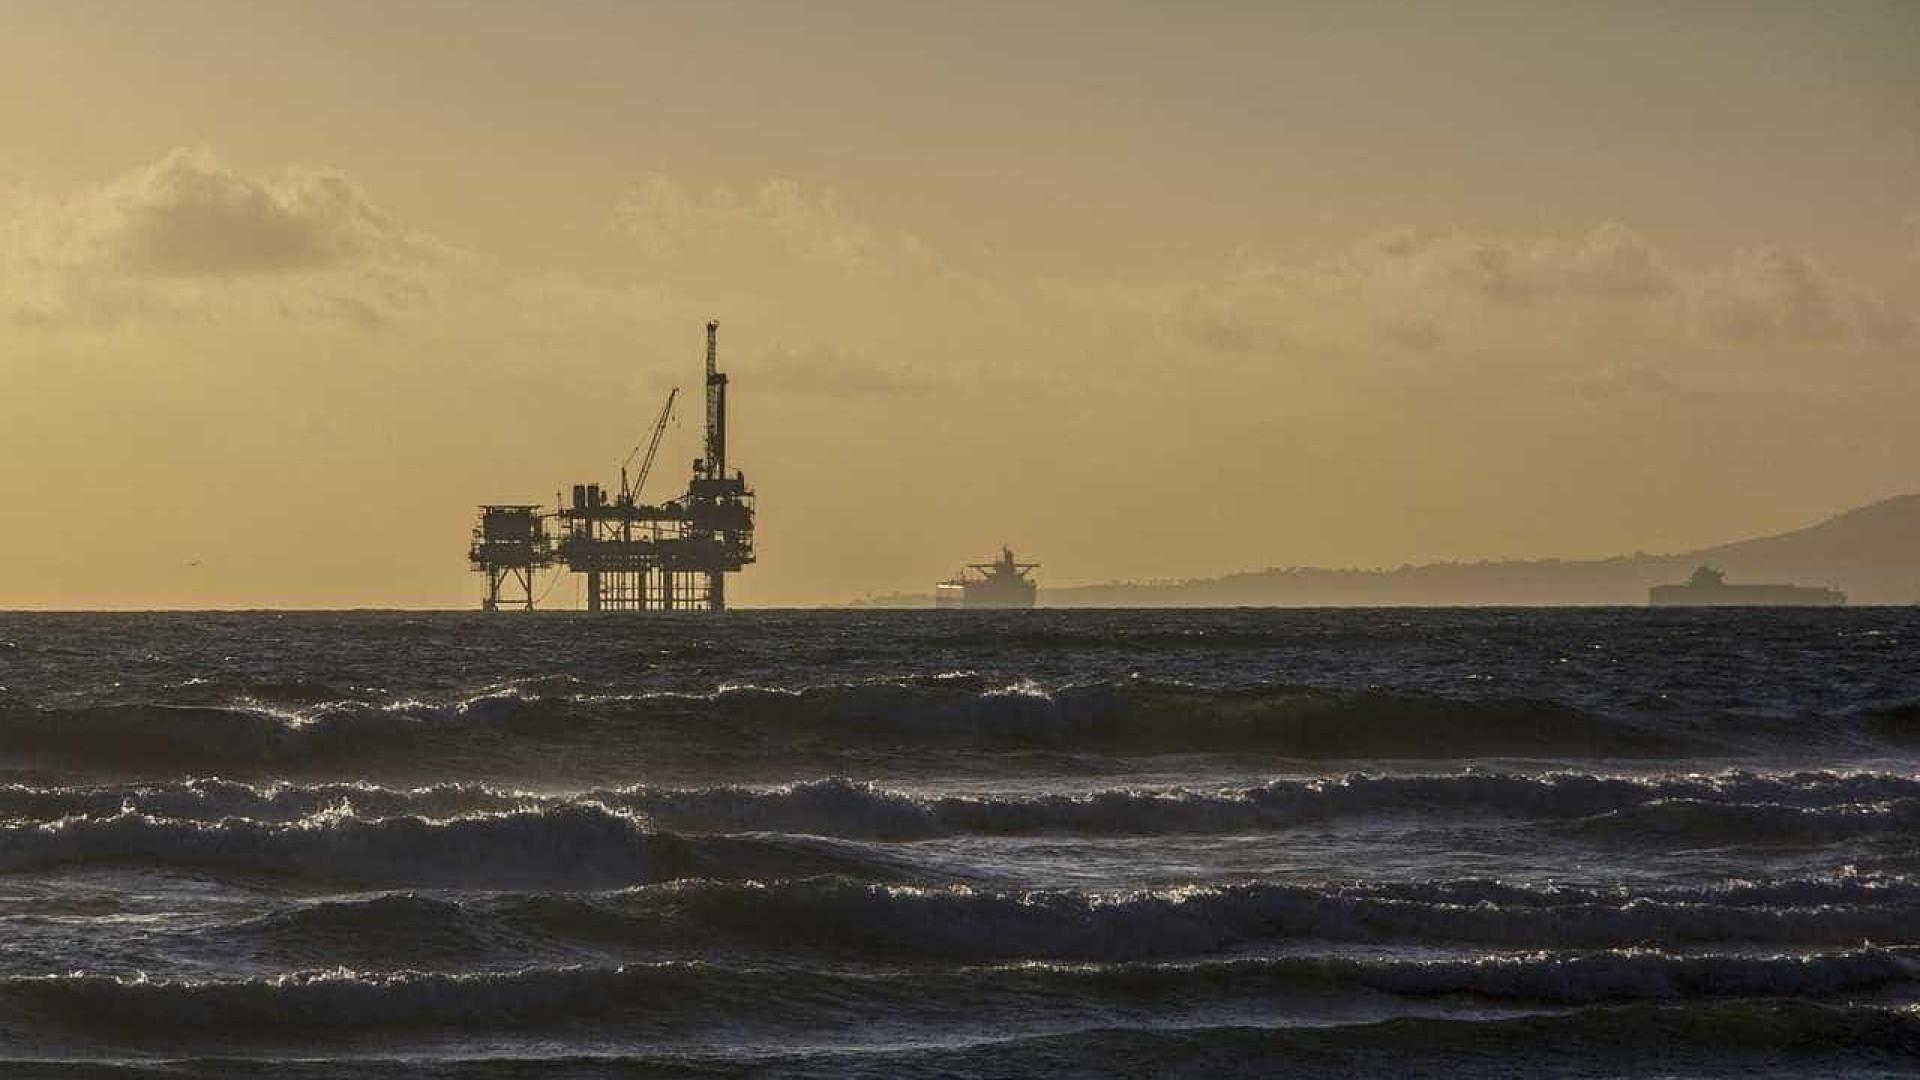 Produção de petróleo cai 2,3% em março e atinge 2,55 mi de barris/dia